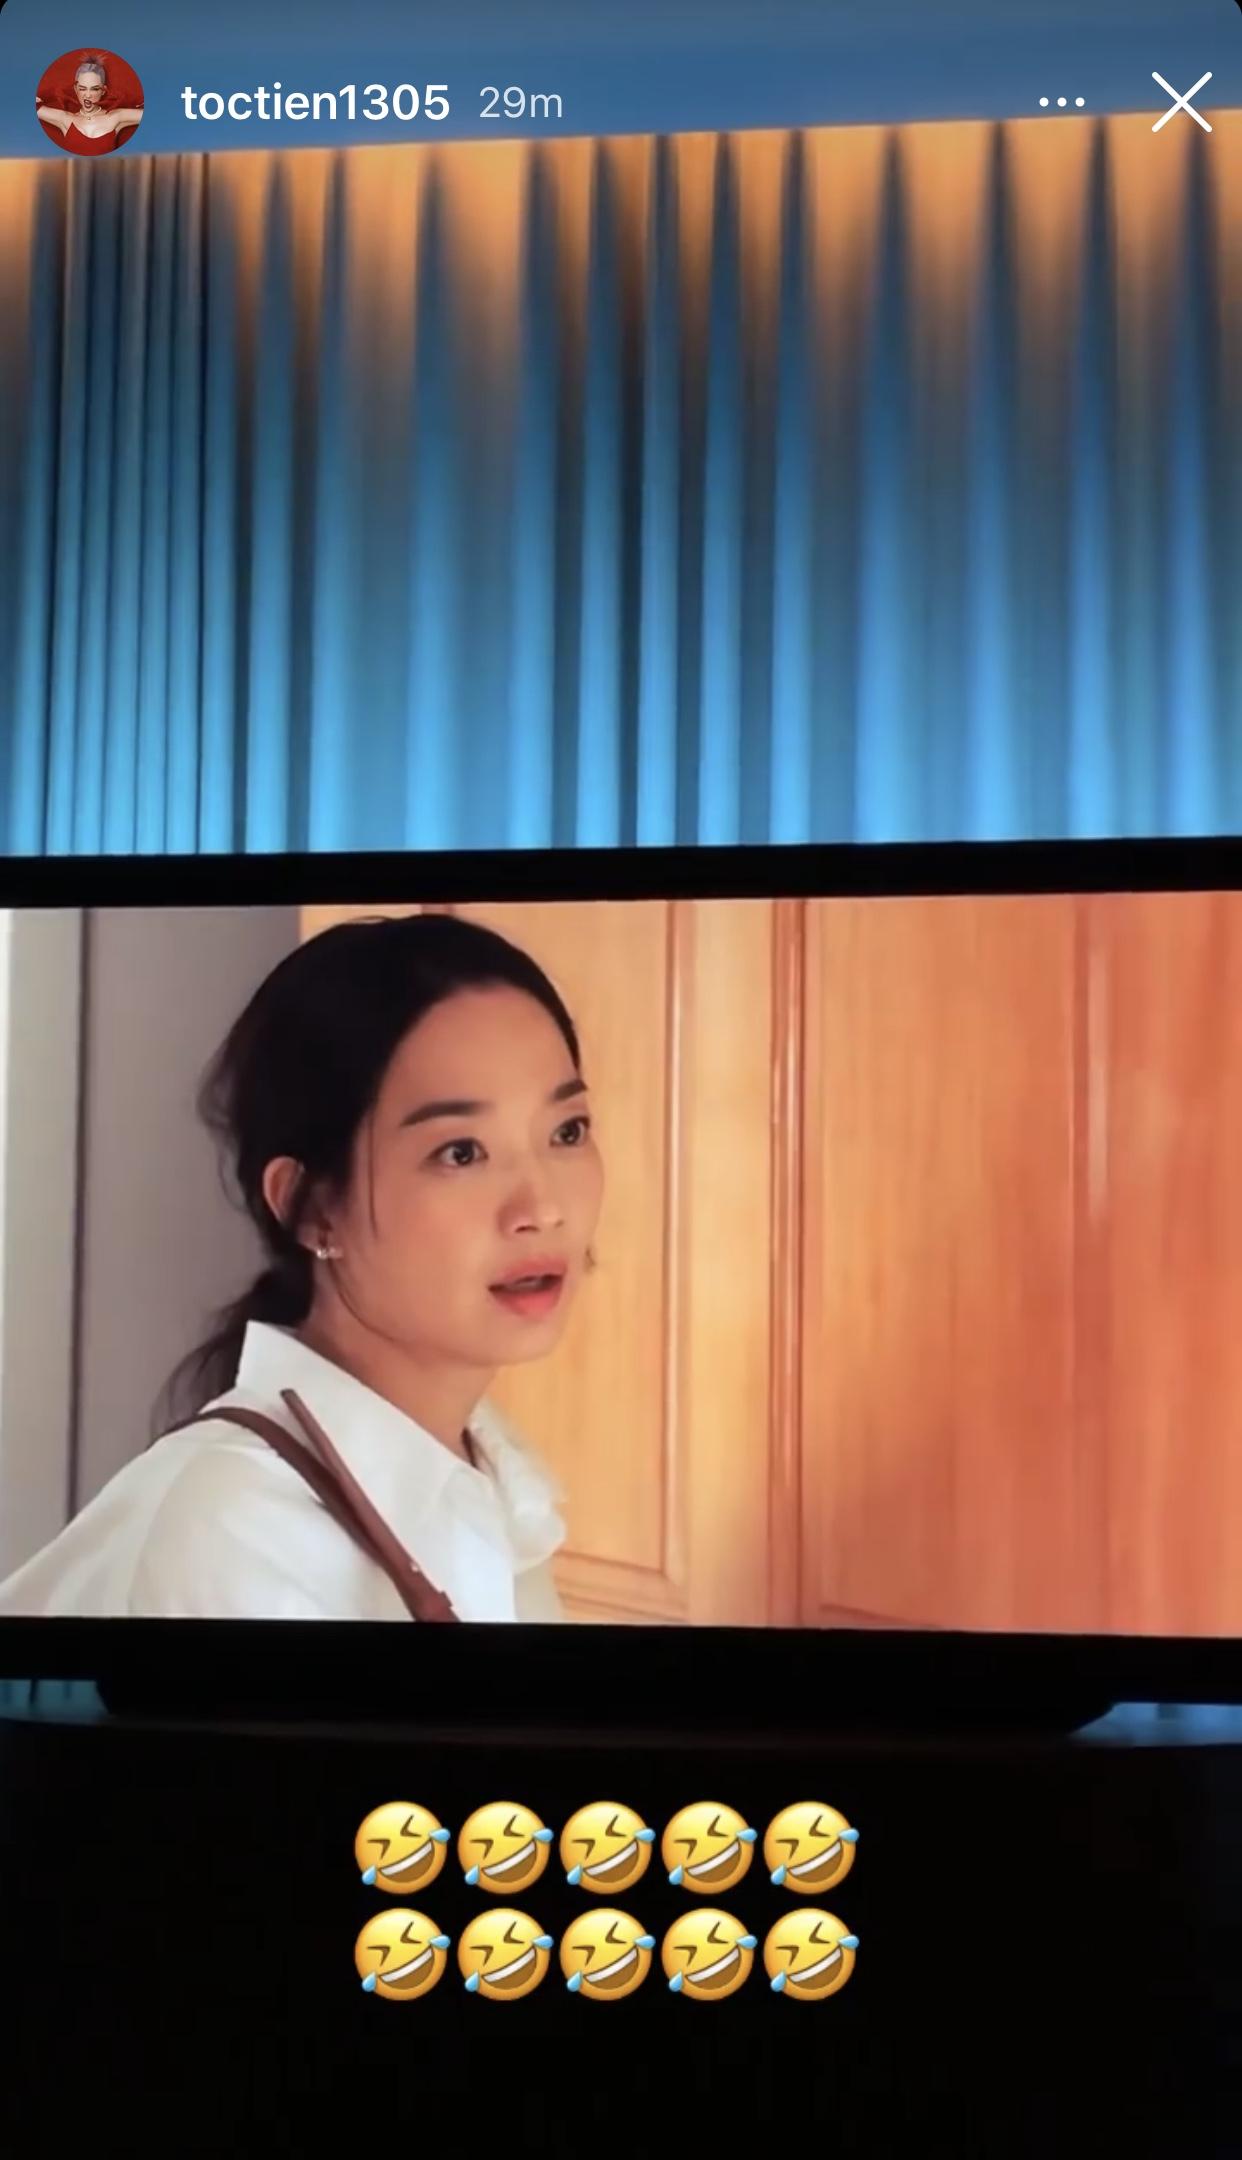 Sau khi khoá Facebook vì lên tiếng ồn ào của Hồ Văn Cường, Tóc Tiên có động thái mới trên Instagram? - Ảnh 3.